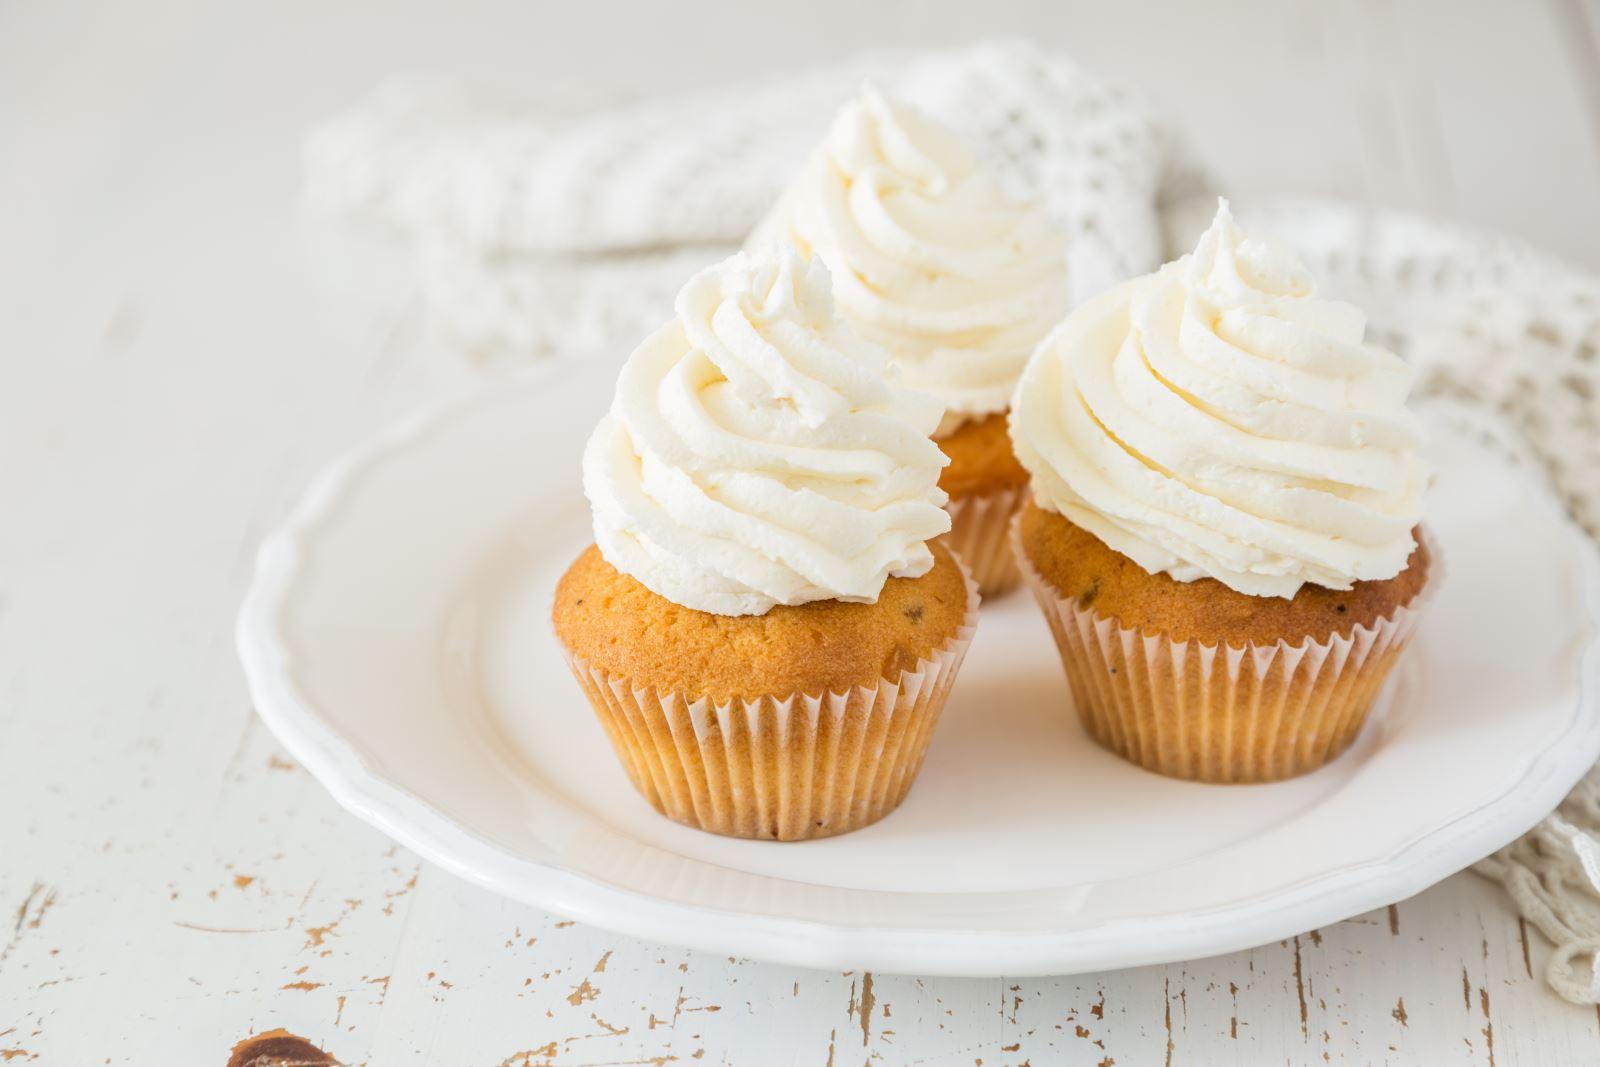 cupcakes royal icing